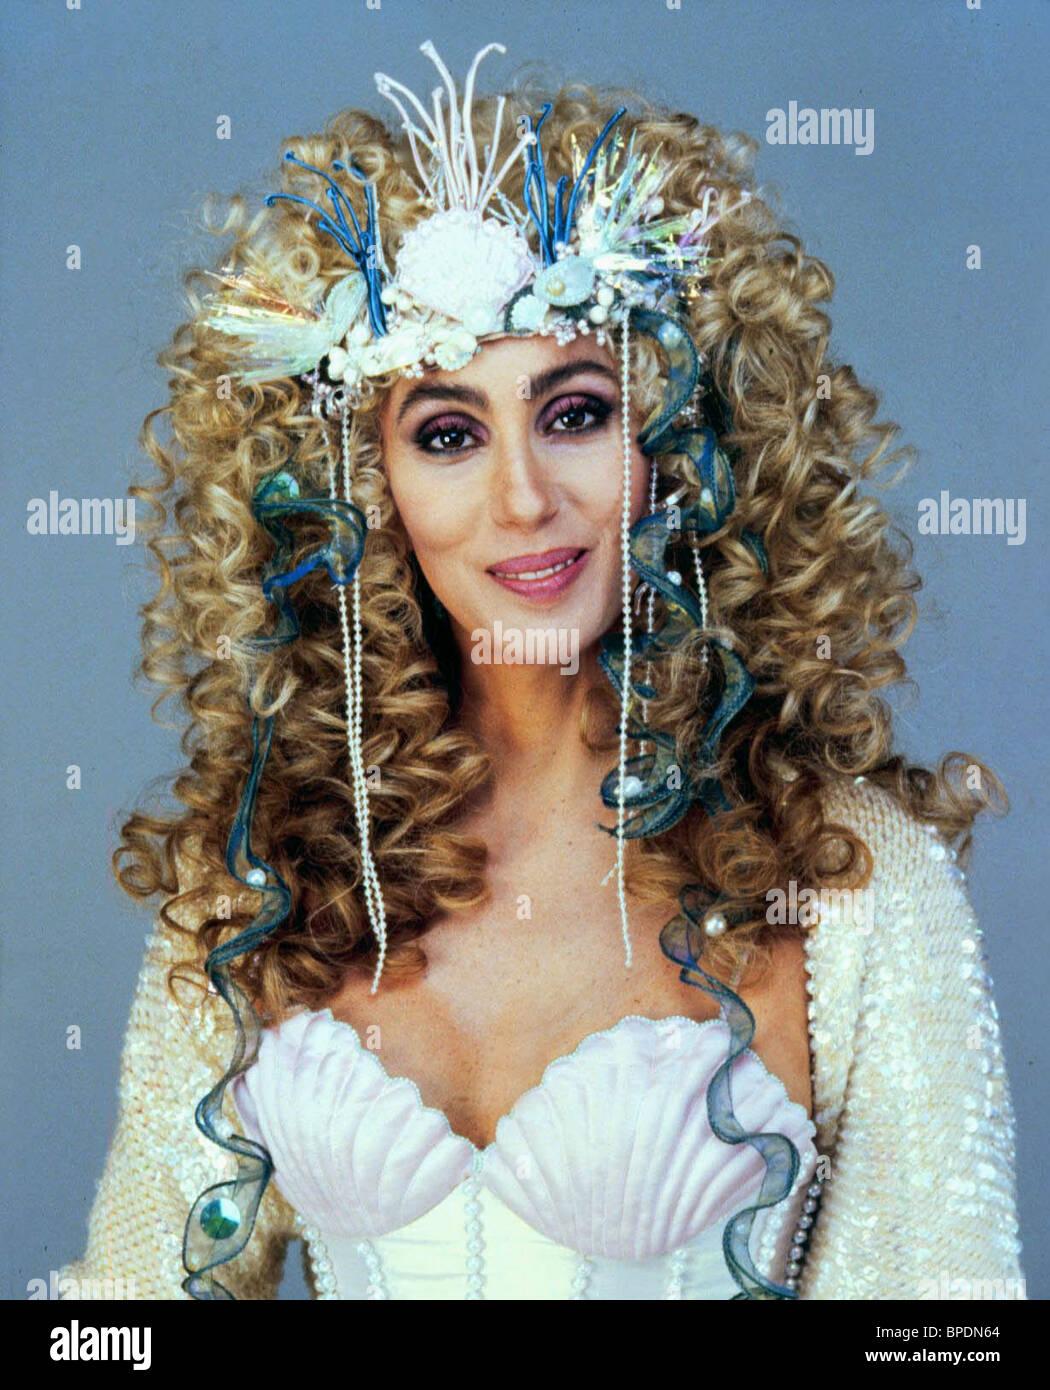 CHER sirenas (1990) Imagen De Stock